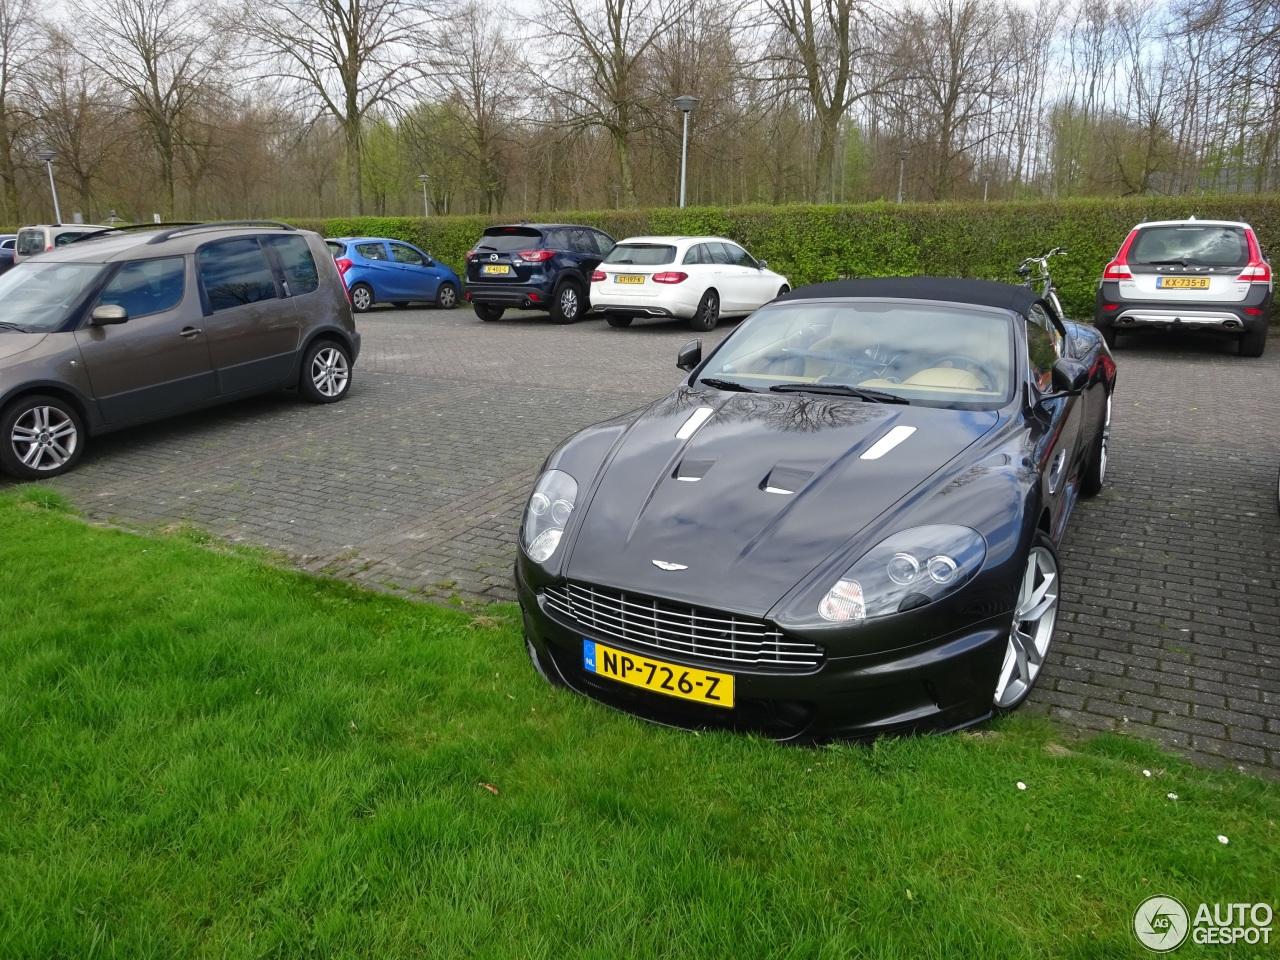 Deze Aston Martin DBS heeft een merkwaardige historie